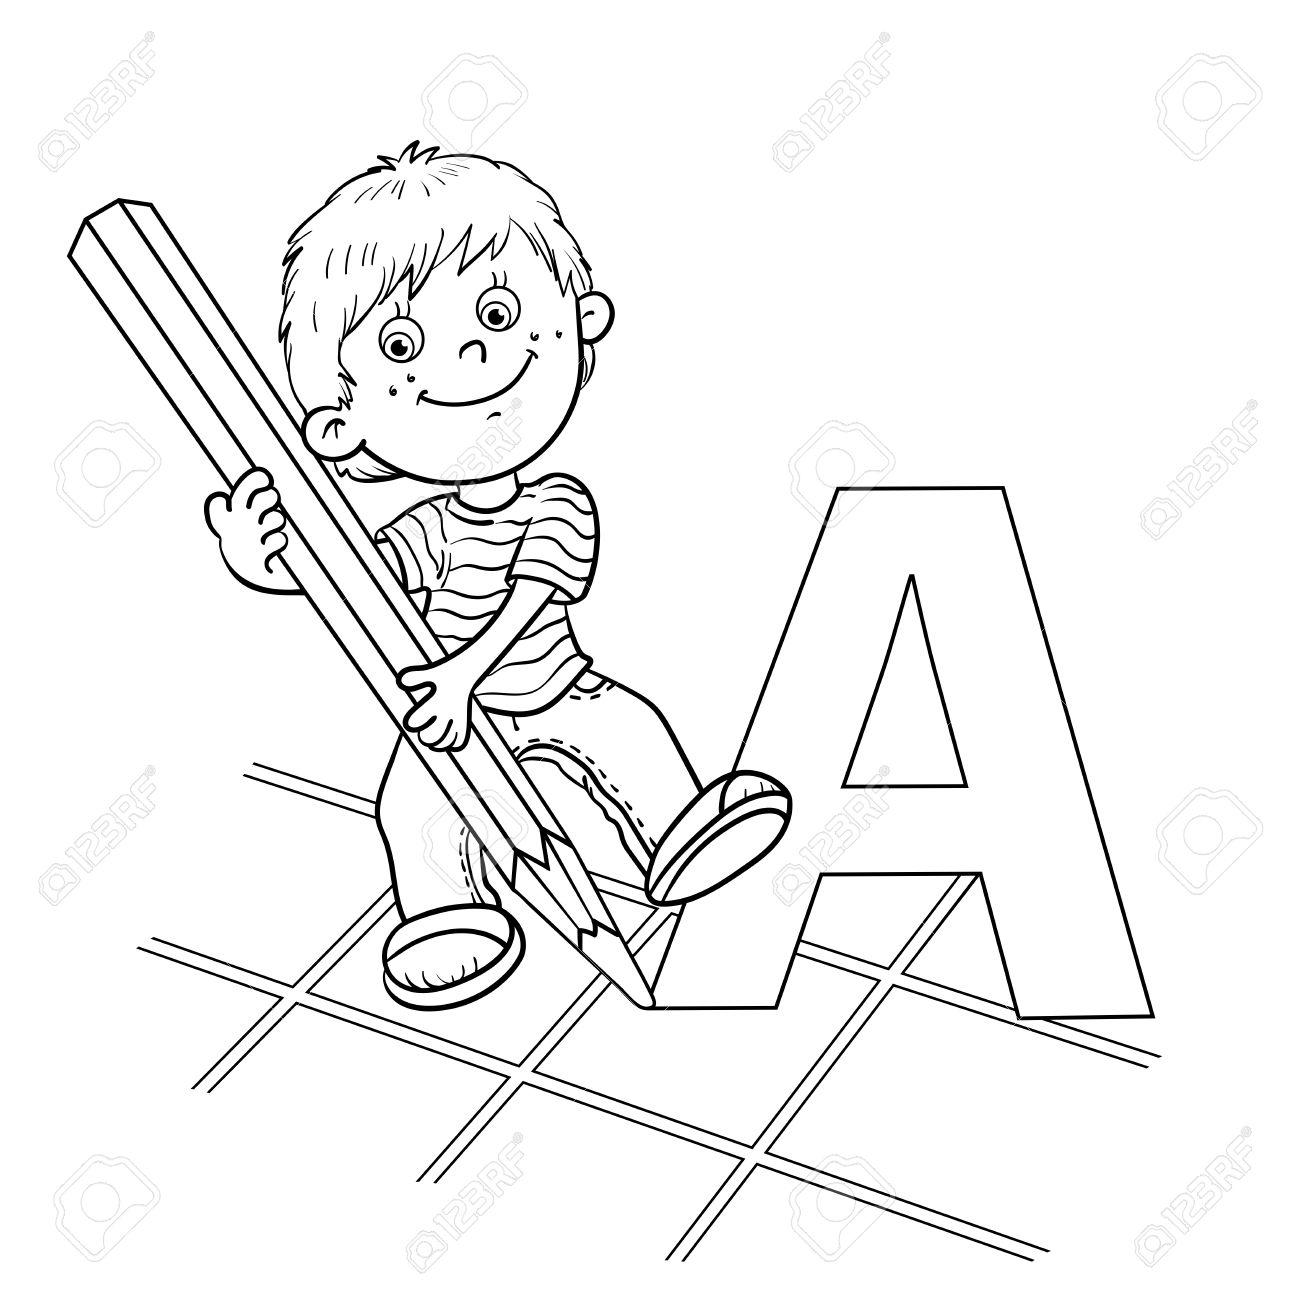 Malvorlagen Umriss Eines Cartoon Jungen Zeichnung Eine Große